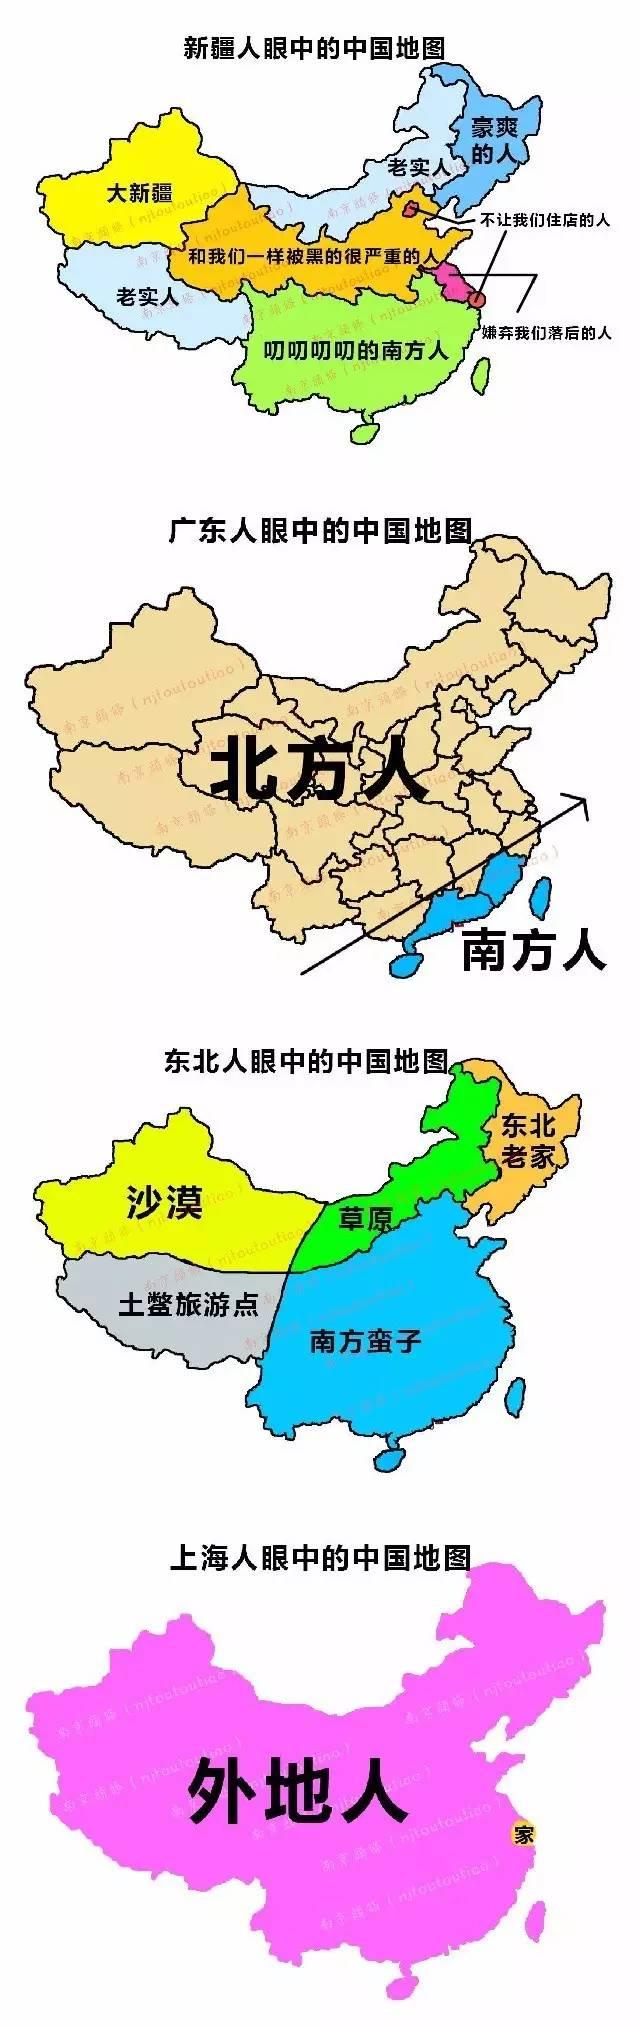 各省份人眼中的中国地图!原来他们这样看福建人.我不服!